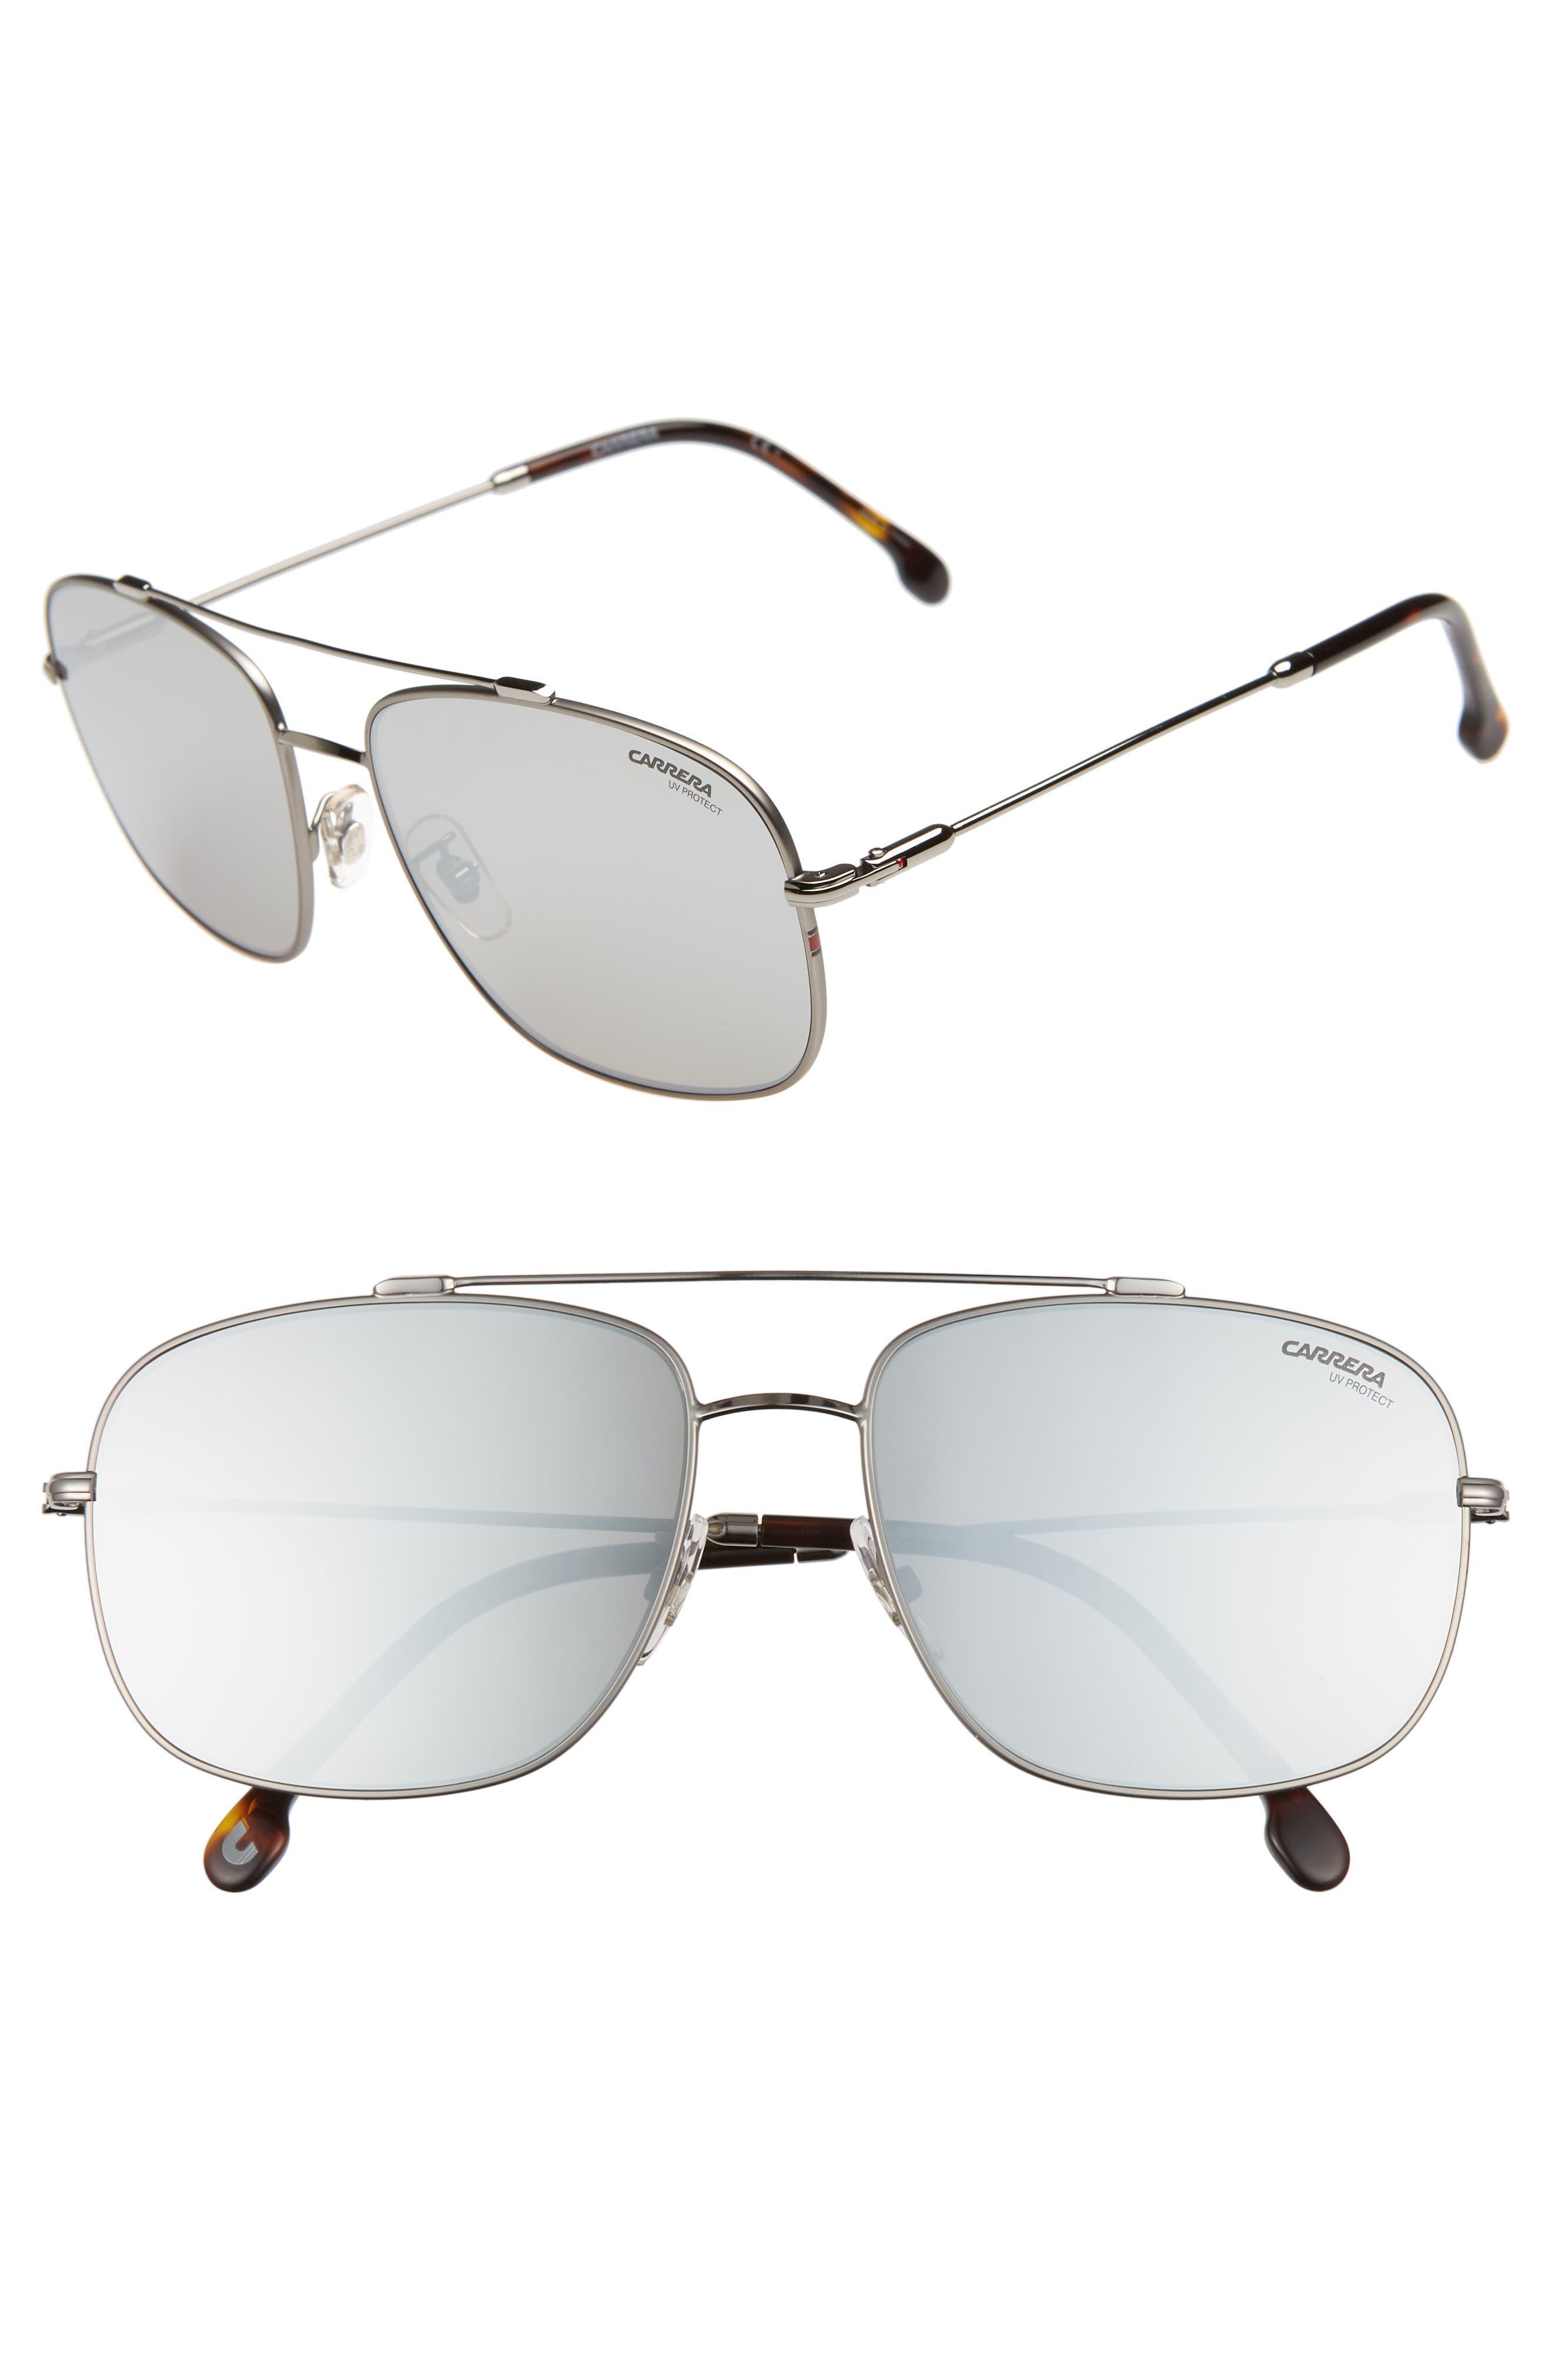 60mm Special Fit Aviator Sunglasses,                         Main,                         color, RUTHENIUM